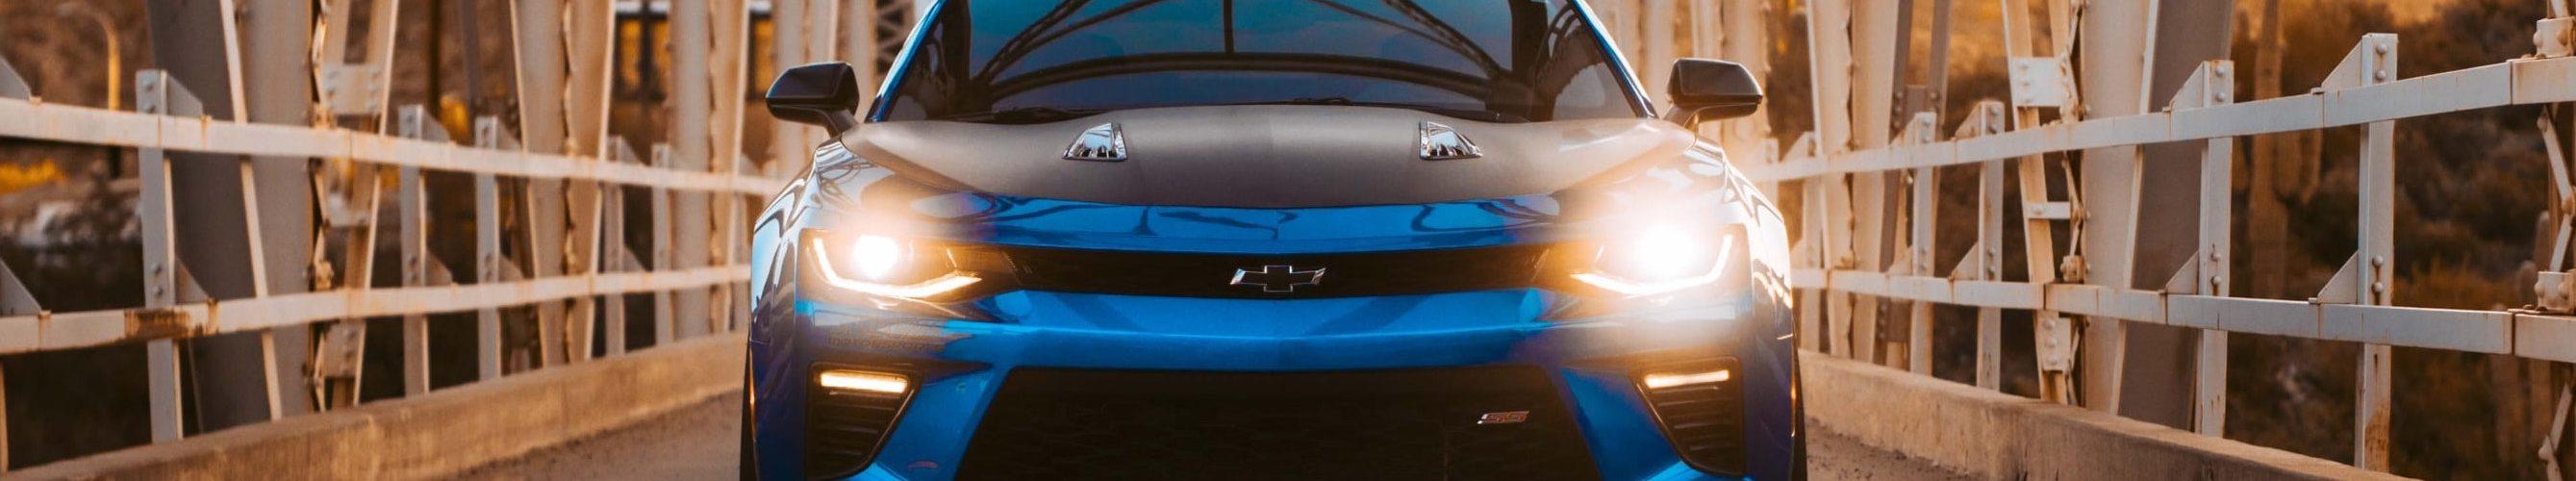 blauw-zwart-auto